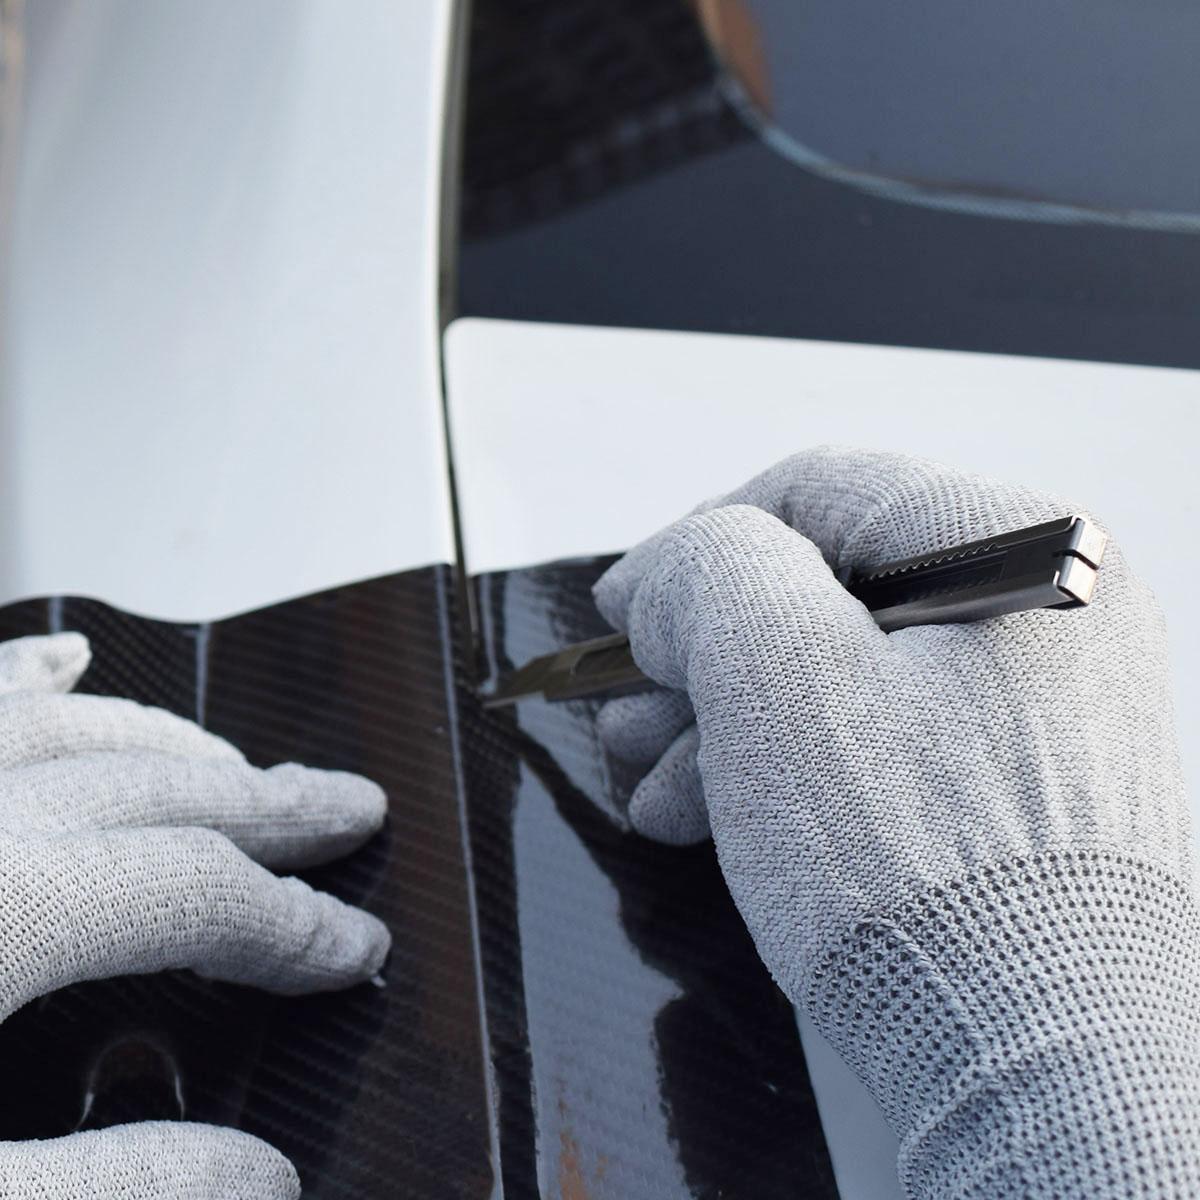 Легкие 9 мм защелкивающиеся лезвия 30 градусов тонкий нож для резки E02